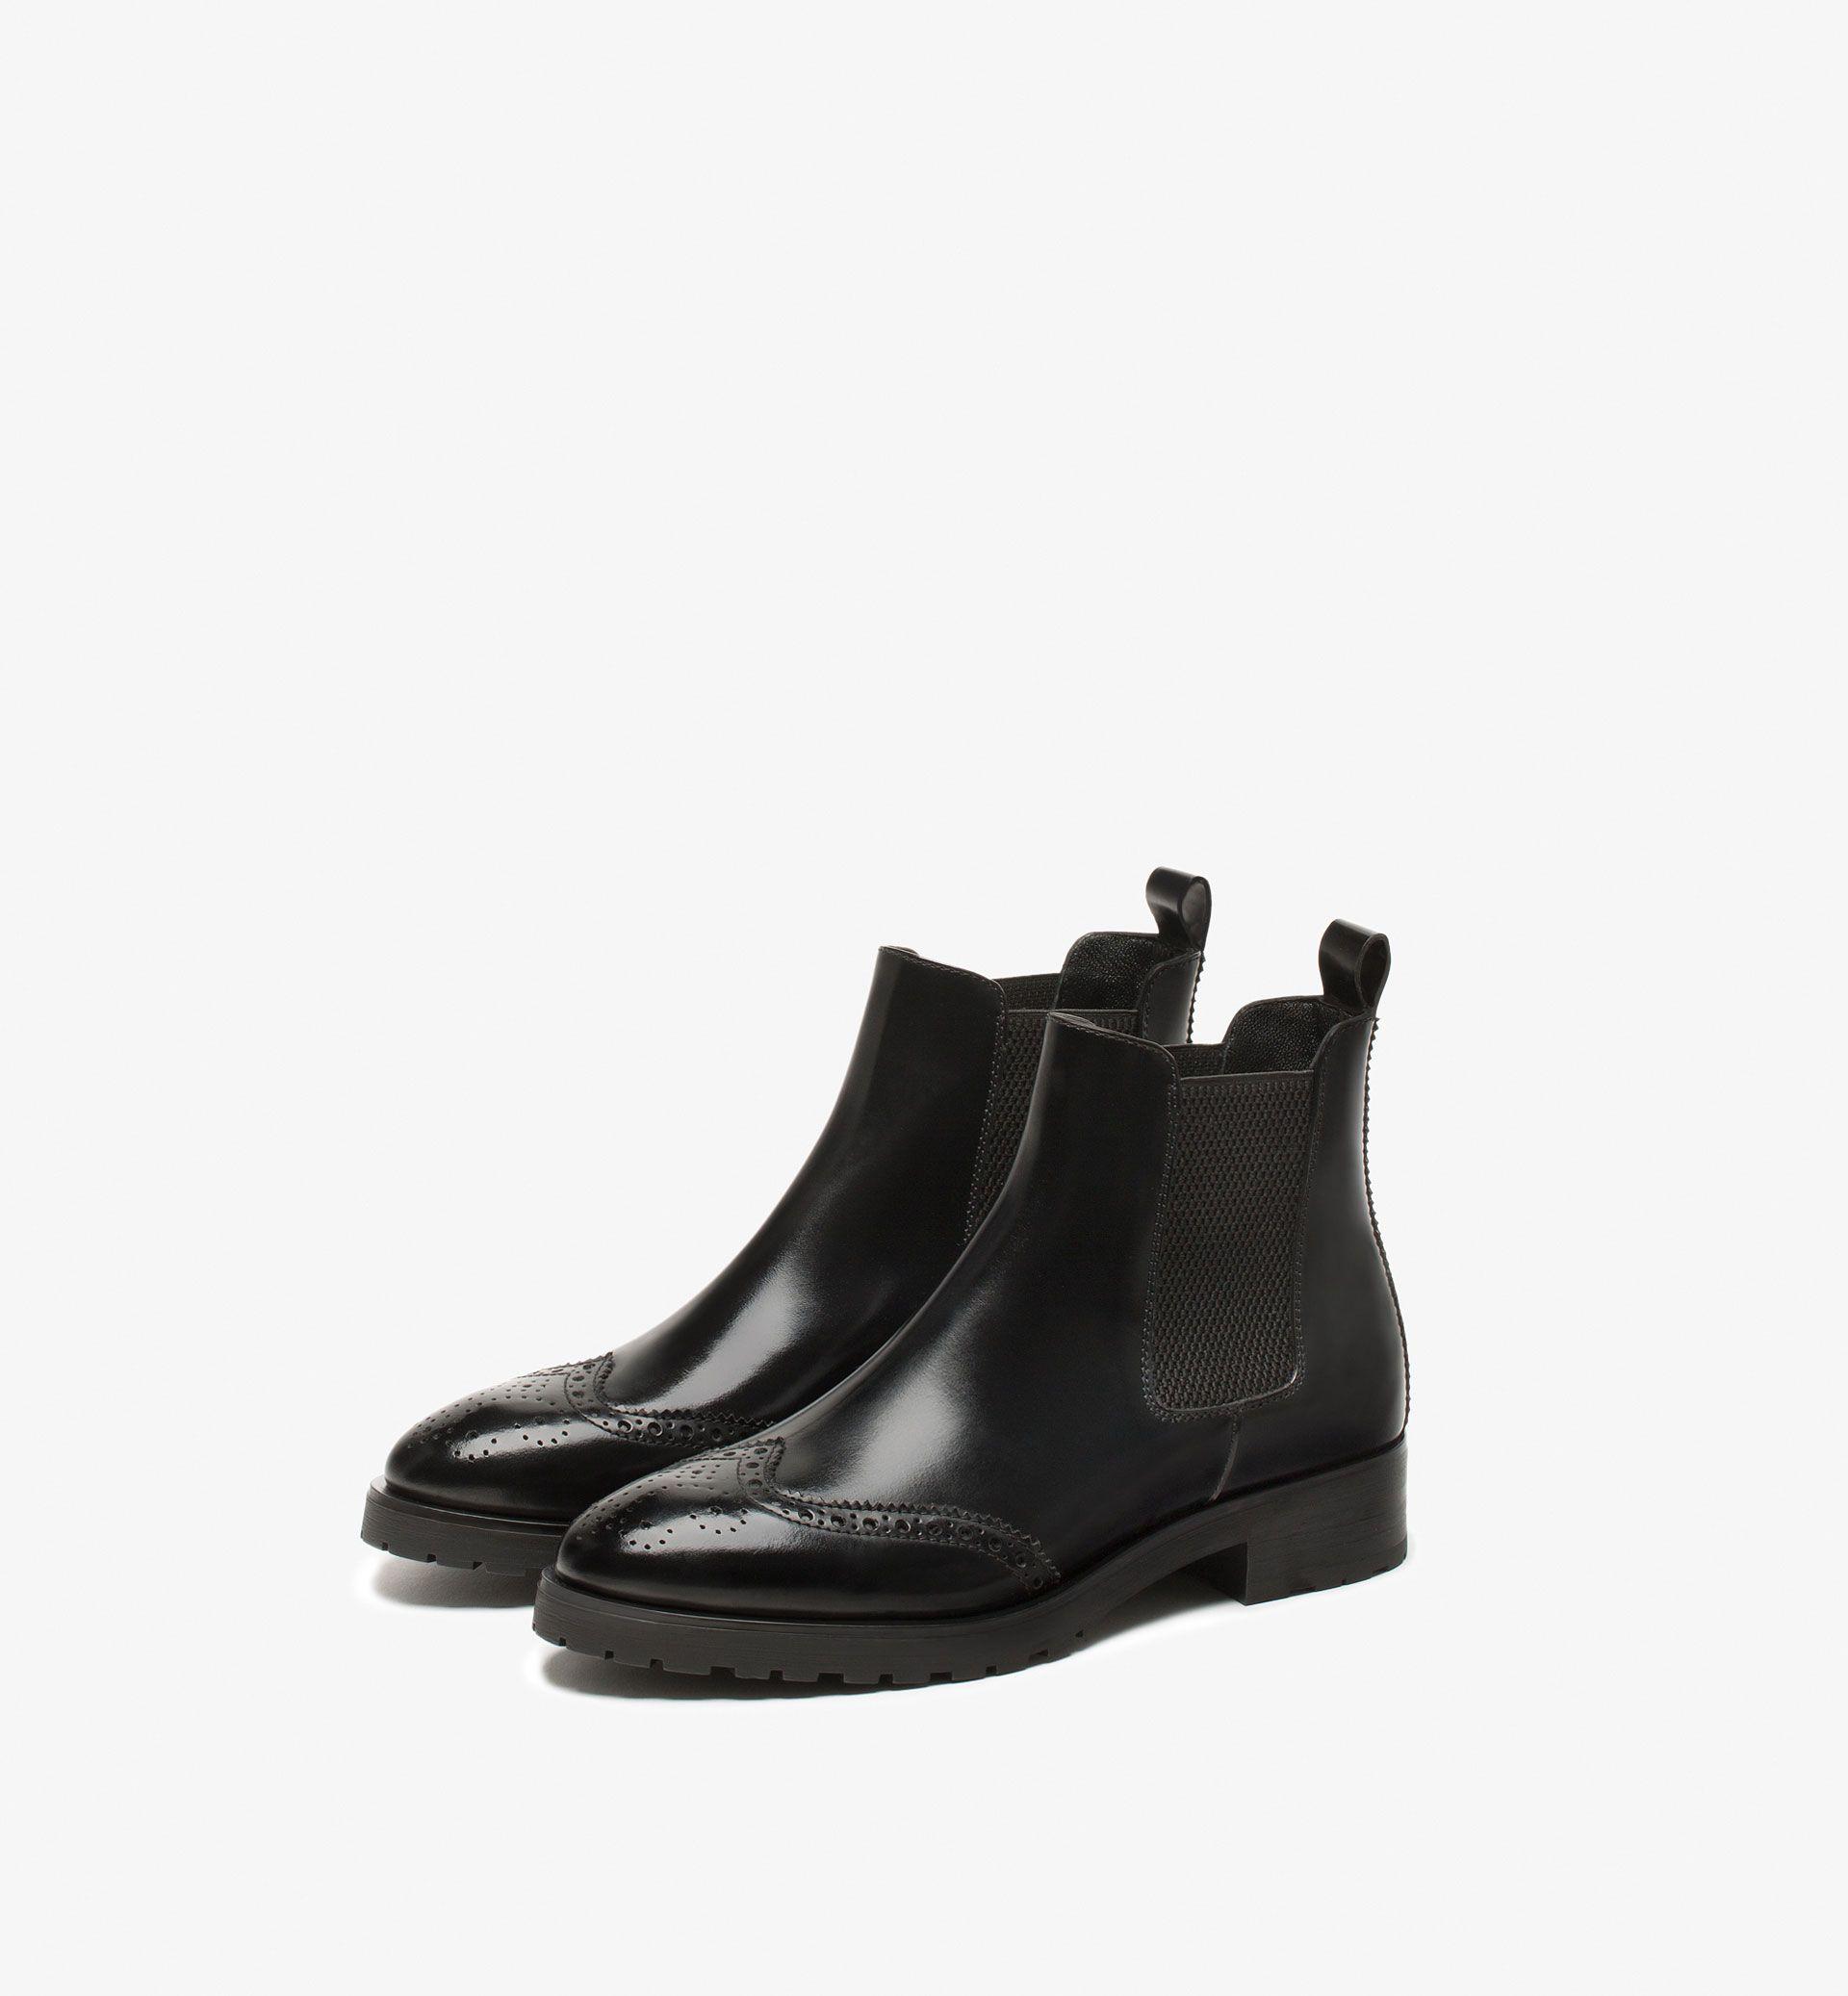 Bottillon Chaussures pour couple Bottes basse Chaussures classiques Bottillon mode ensolde LewyB